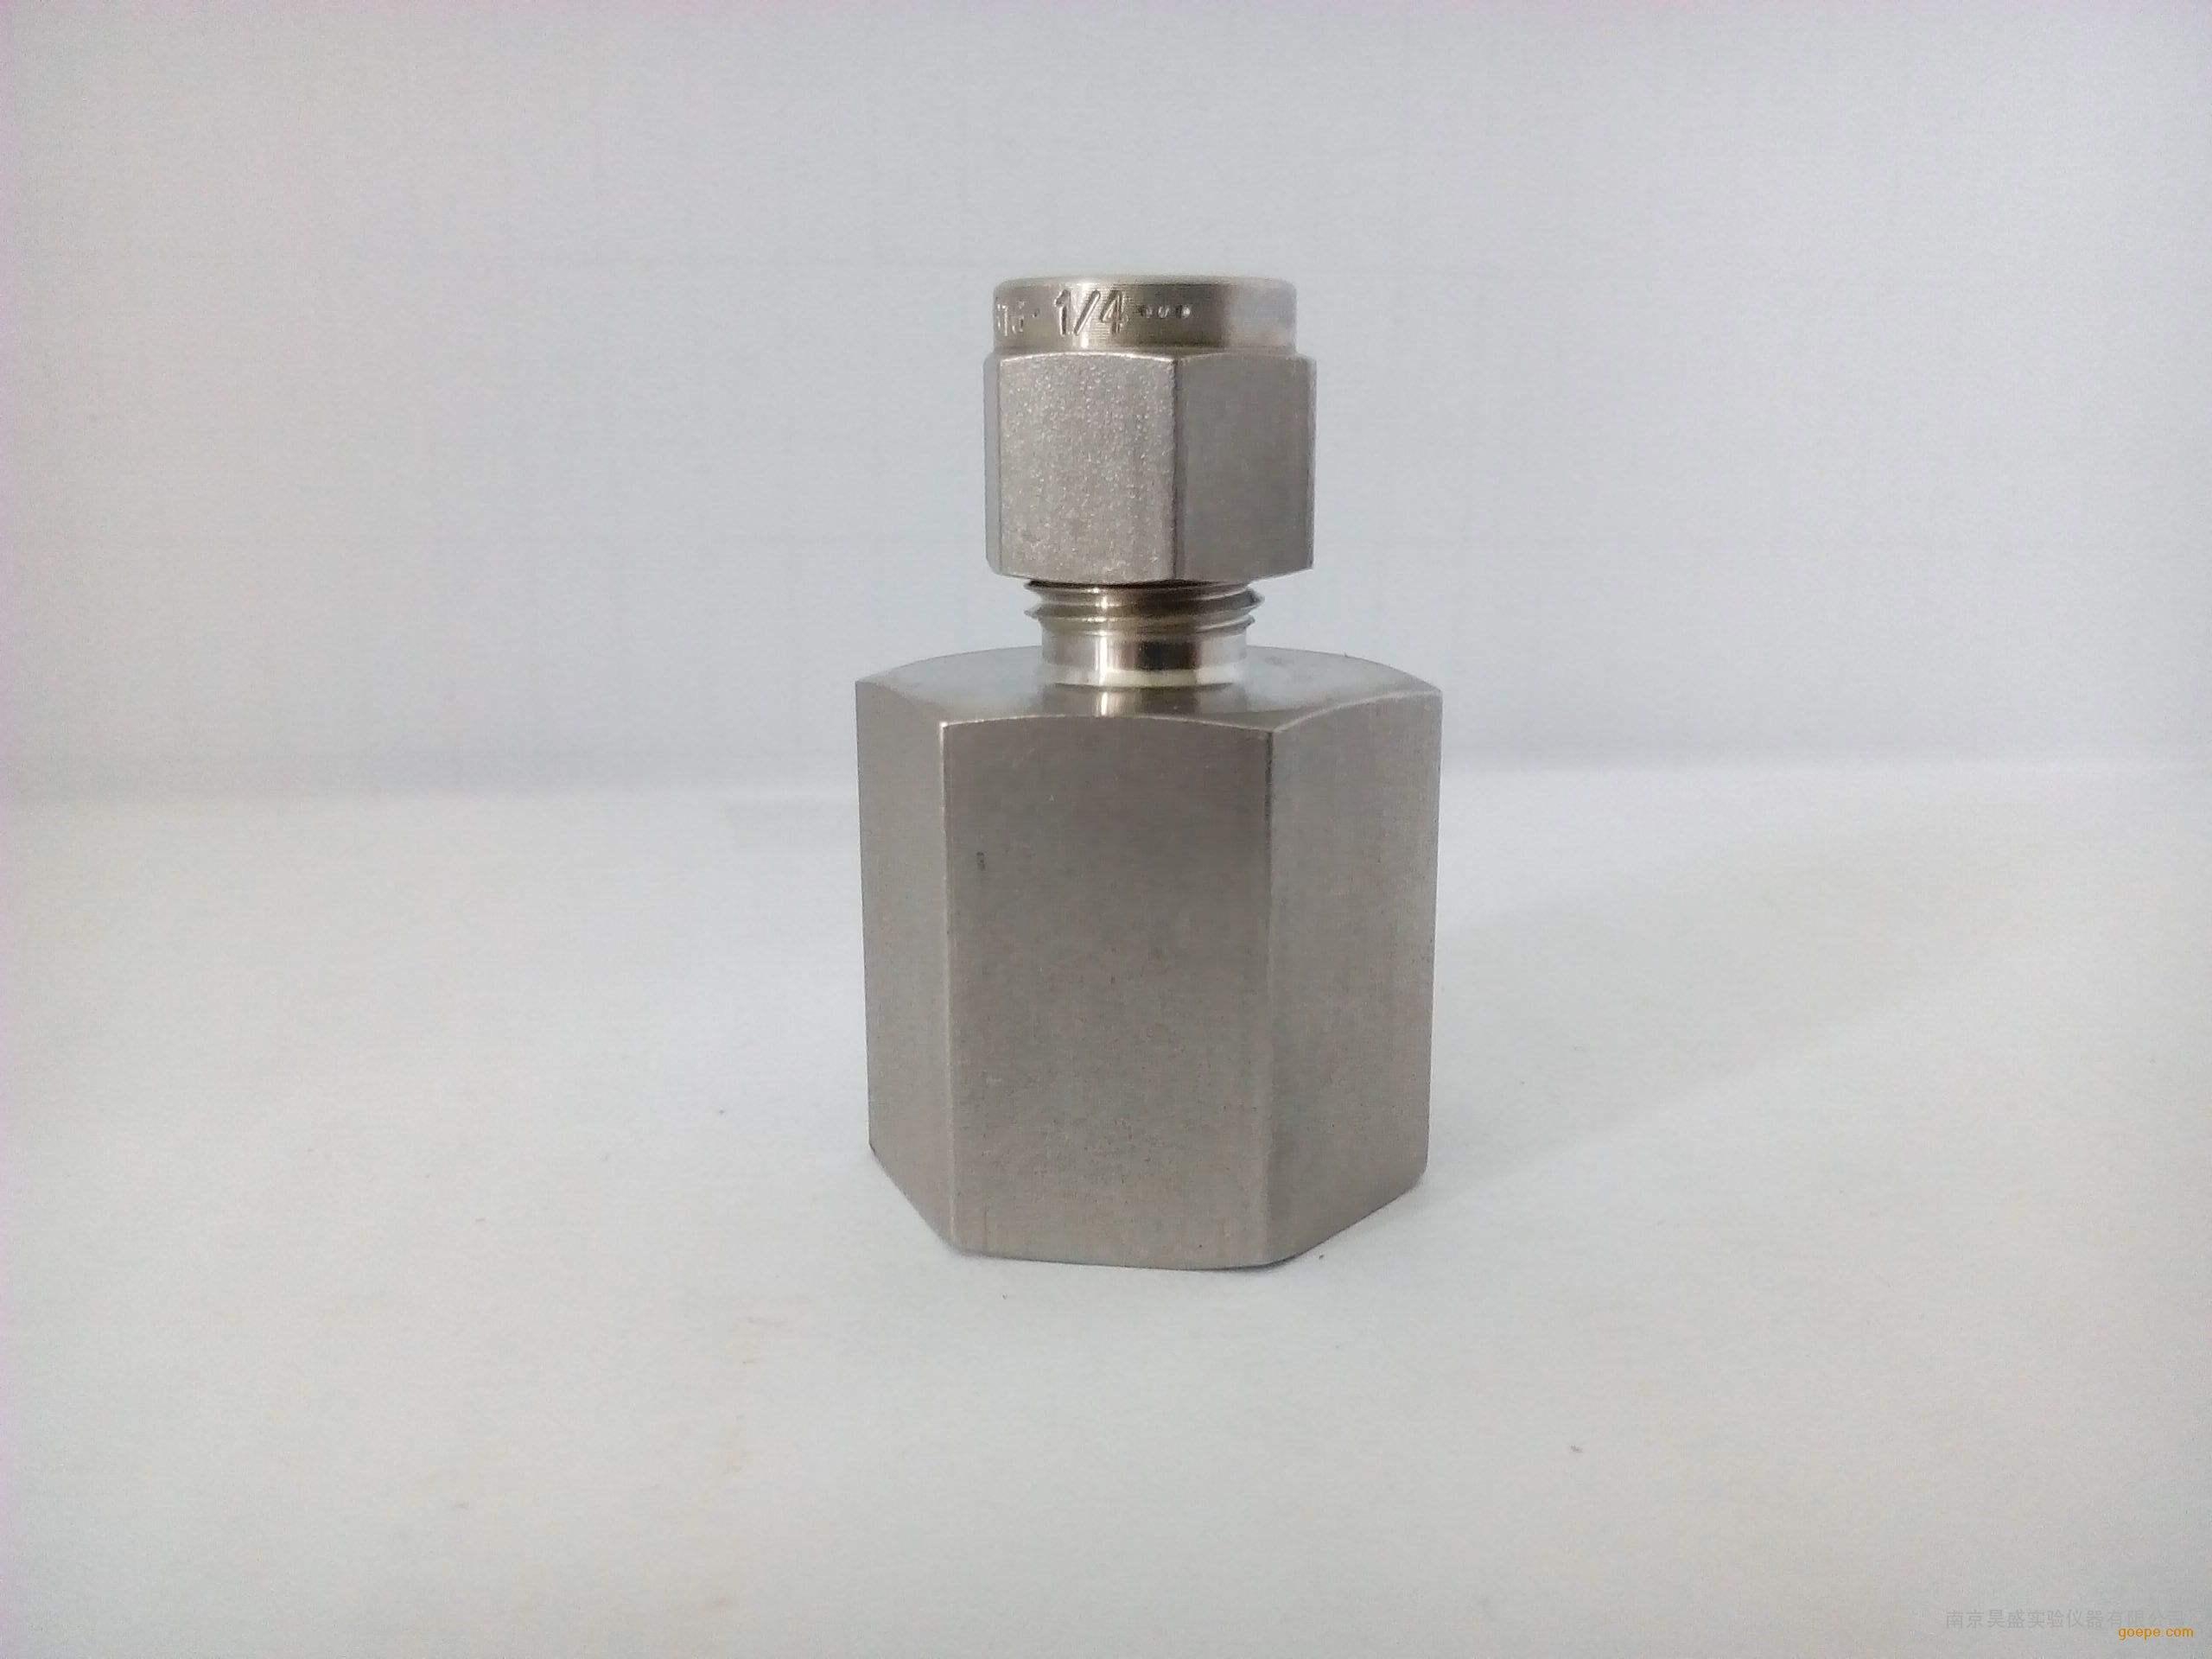 厂家直销 304不锈钢压力表接头 压力表活接头价格 对焊式 规格